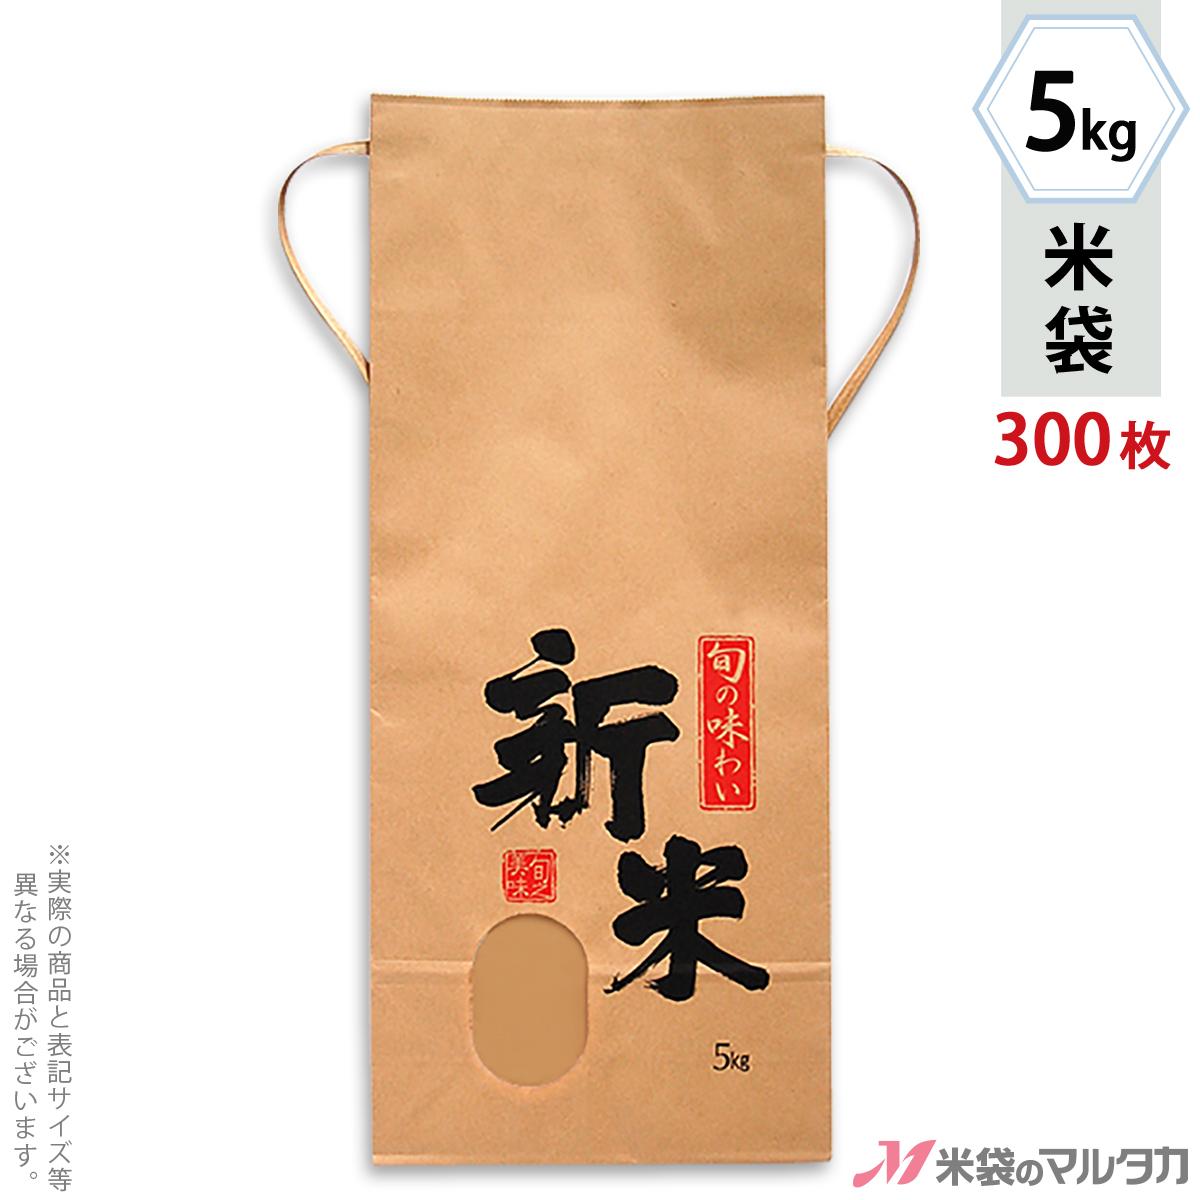 米袋 KH-0590 マルタカ クラフト 新米 旬の美味 5kg用紐付 【米袋5kg】【1ケース(300枚入)】